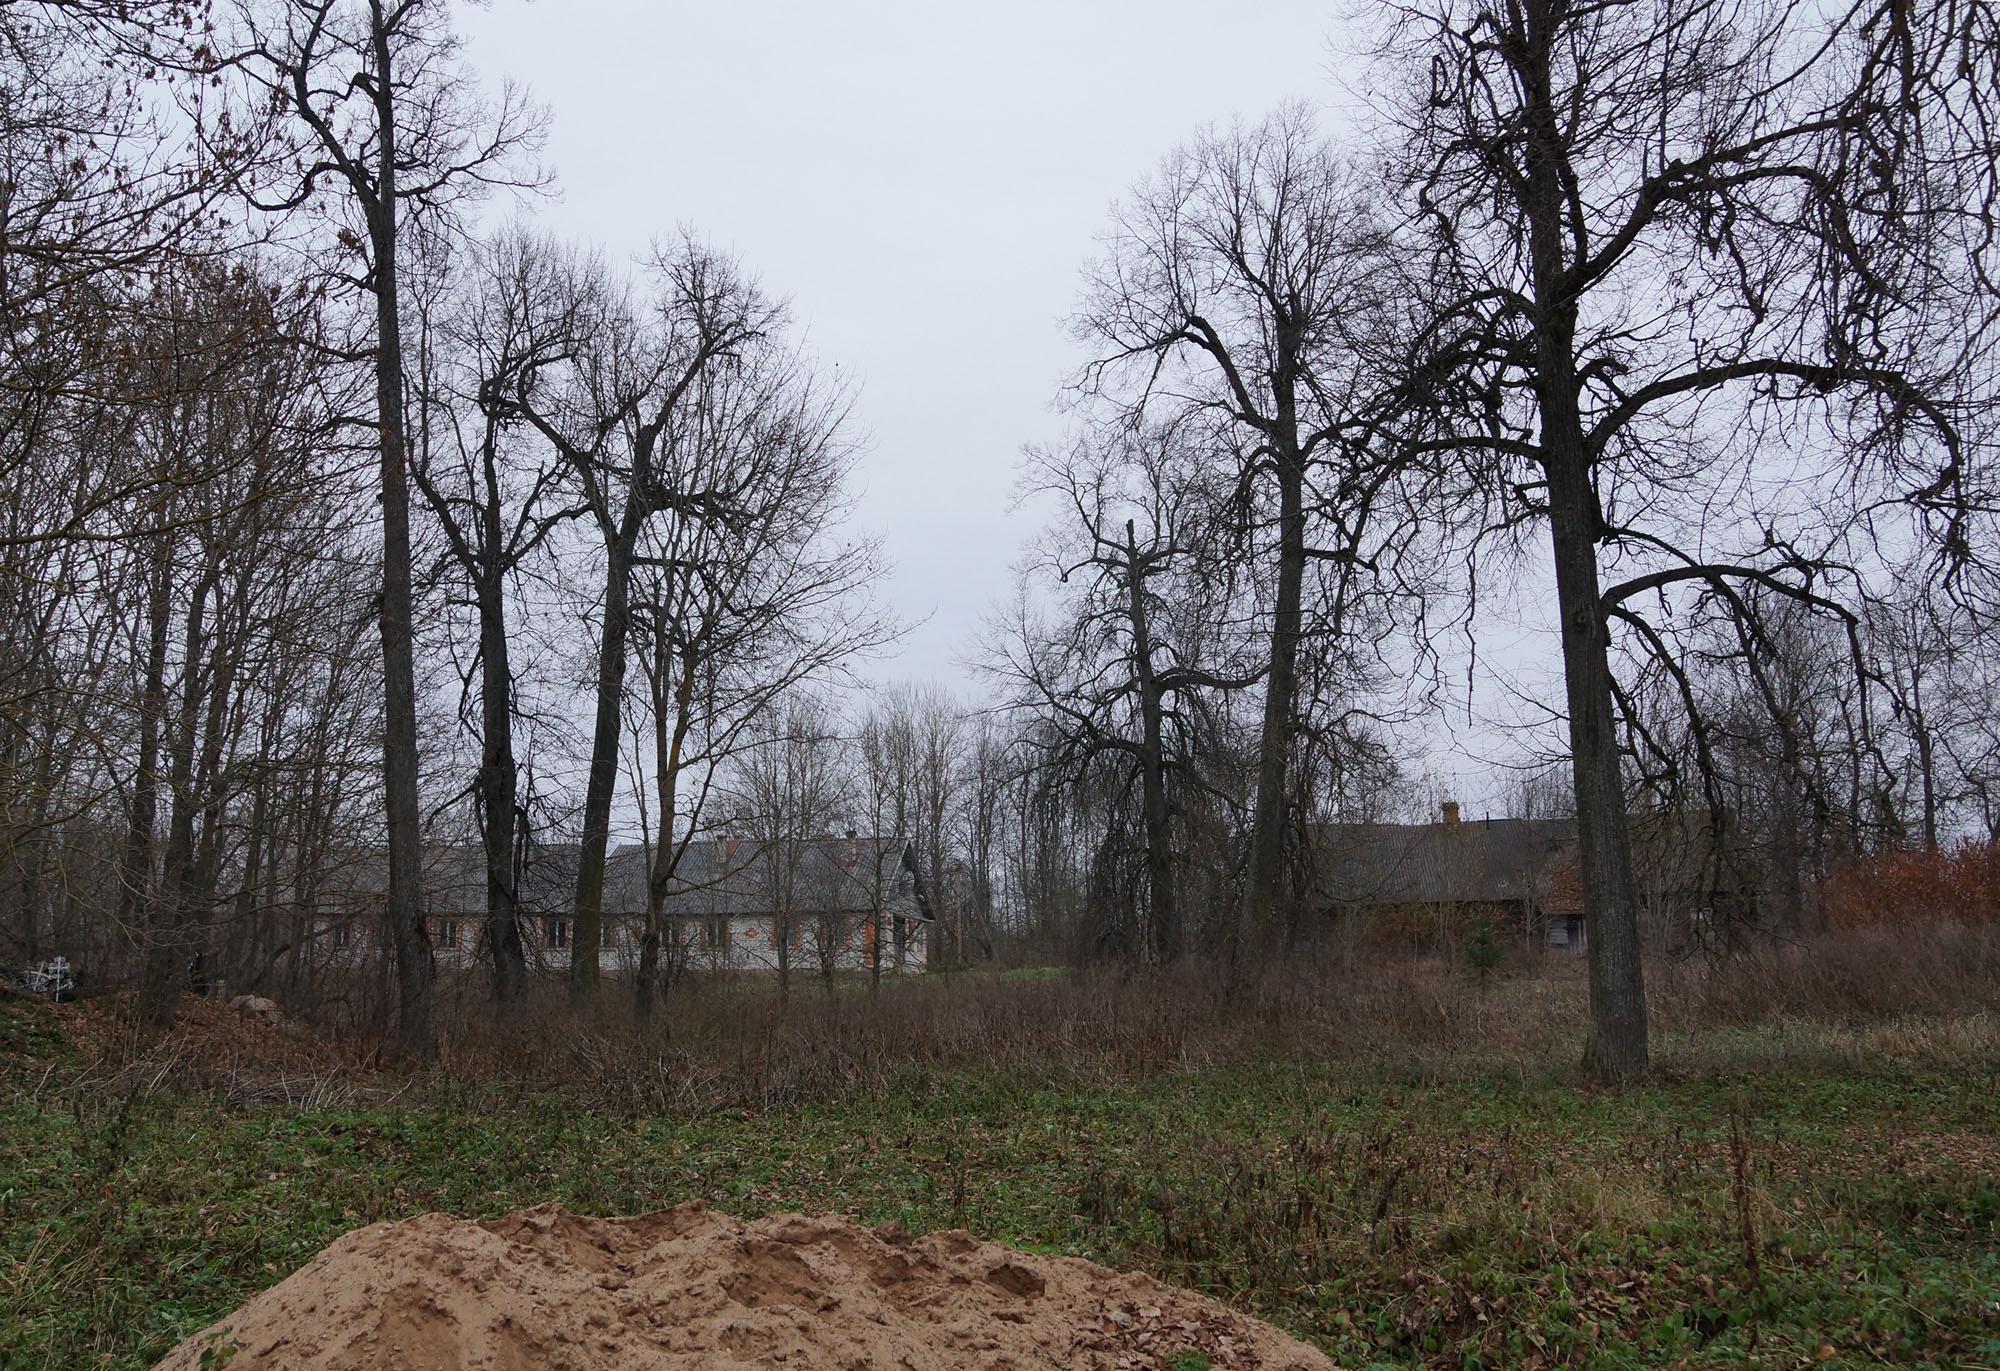 Добрывичи, Бежаницкий район, Псковская область. Парк.